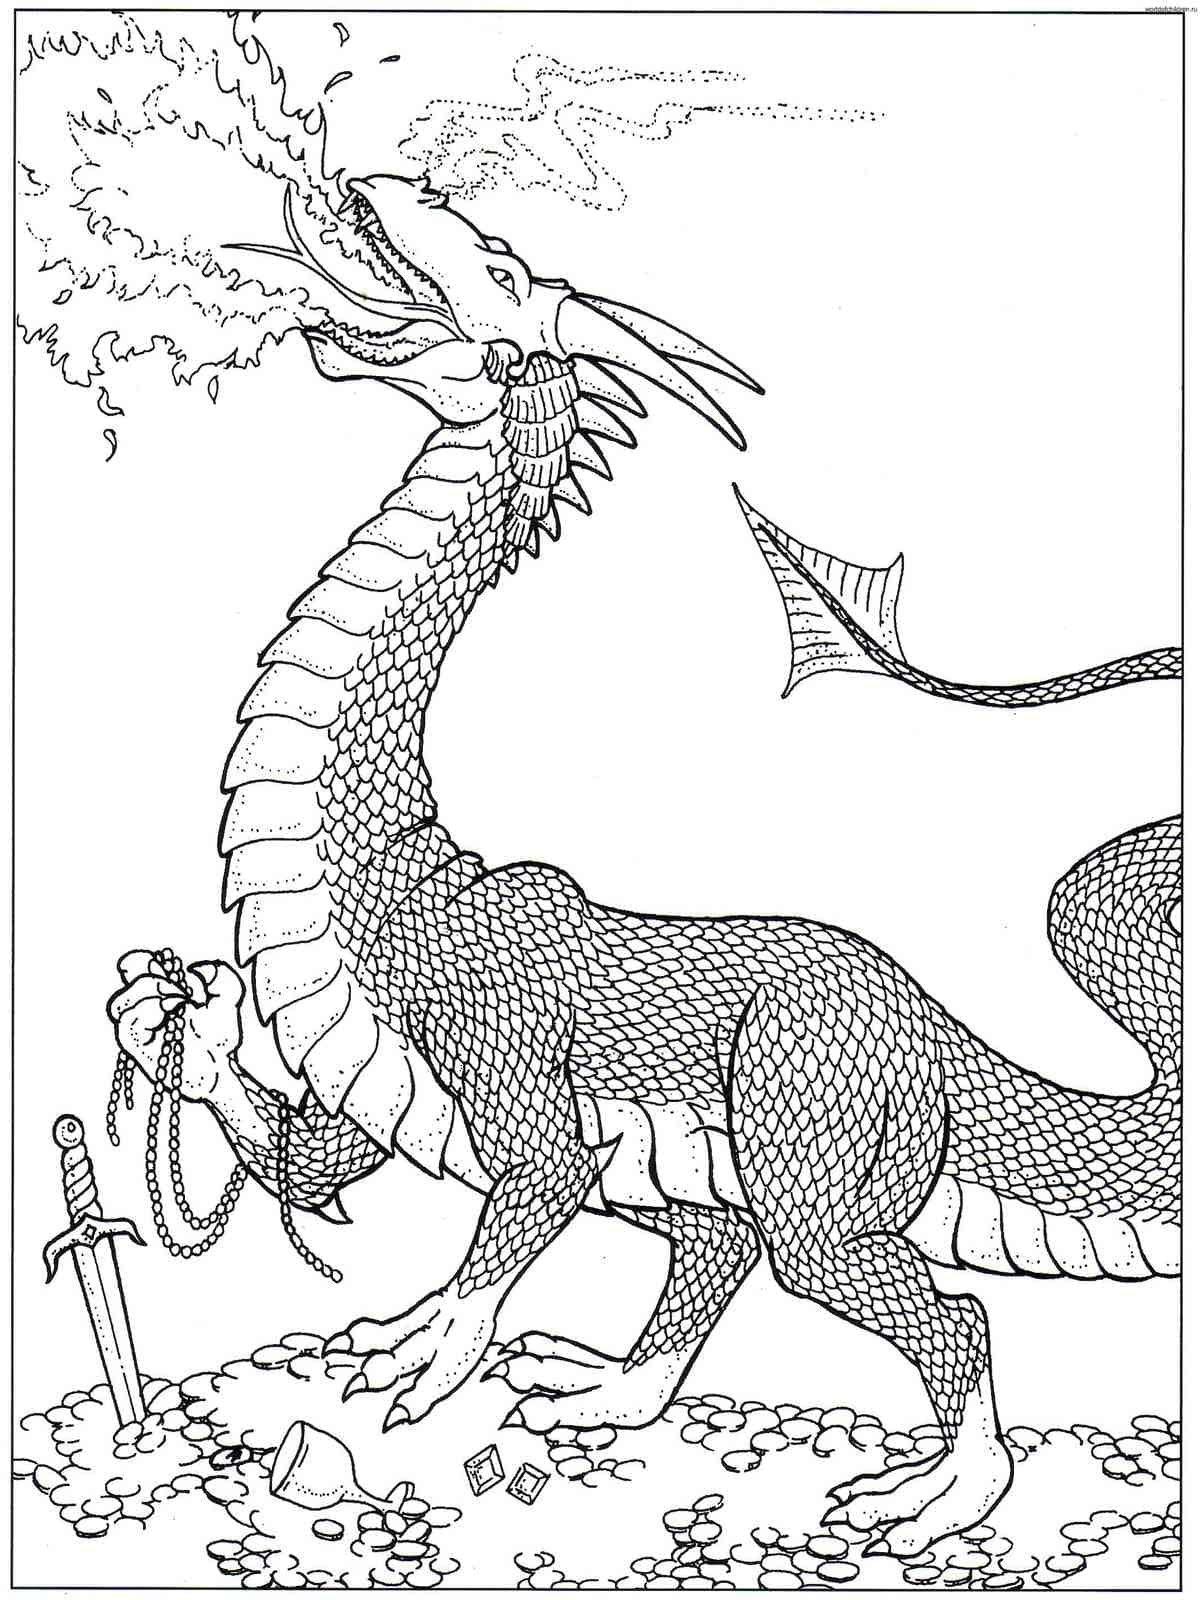 картинка раскраска динозавры и драконы овчарка продажа щенков